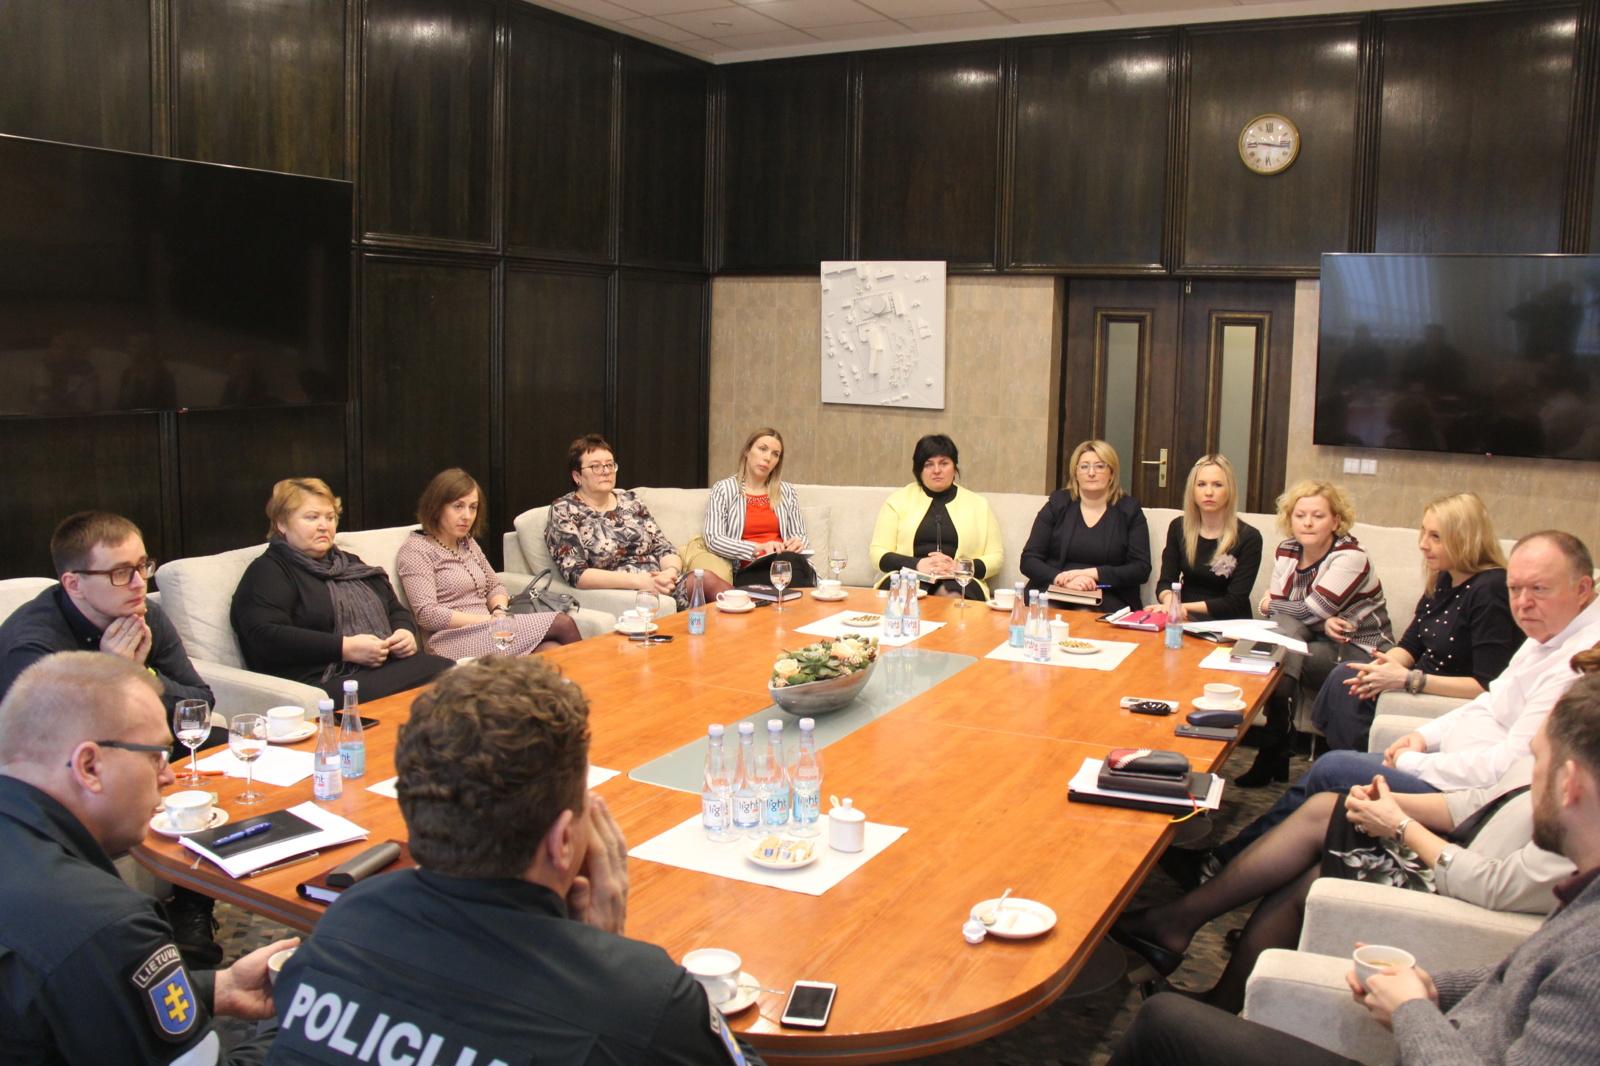 Įvairių institucijų specialistai diskutavo apie jaunimo problemas